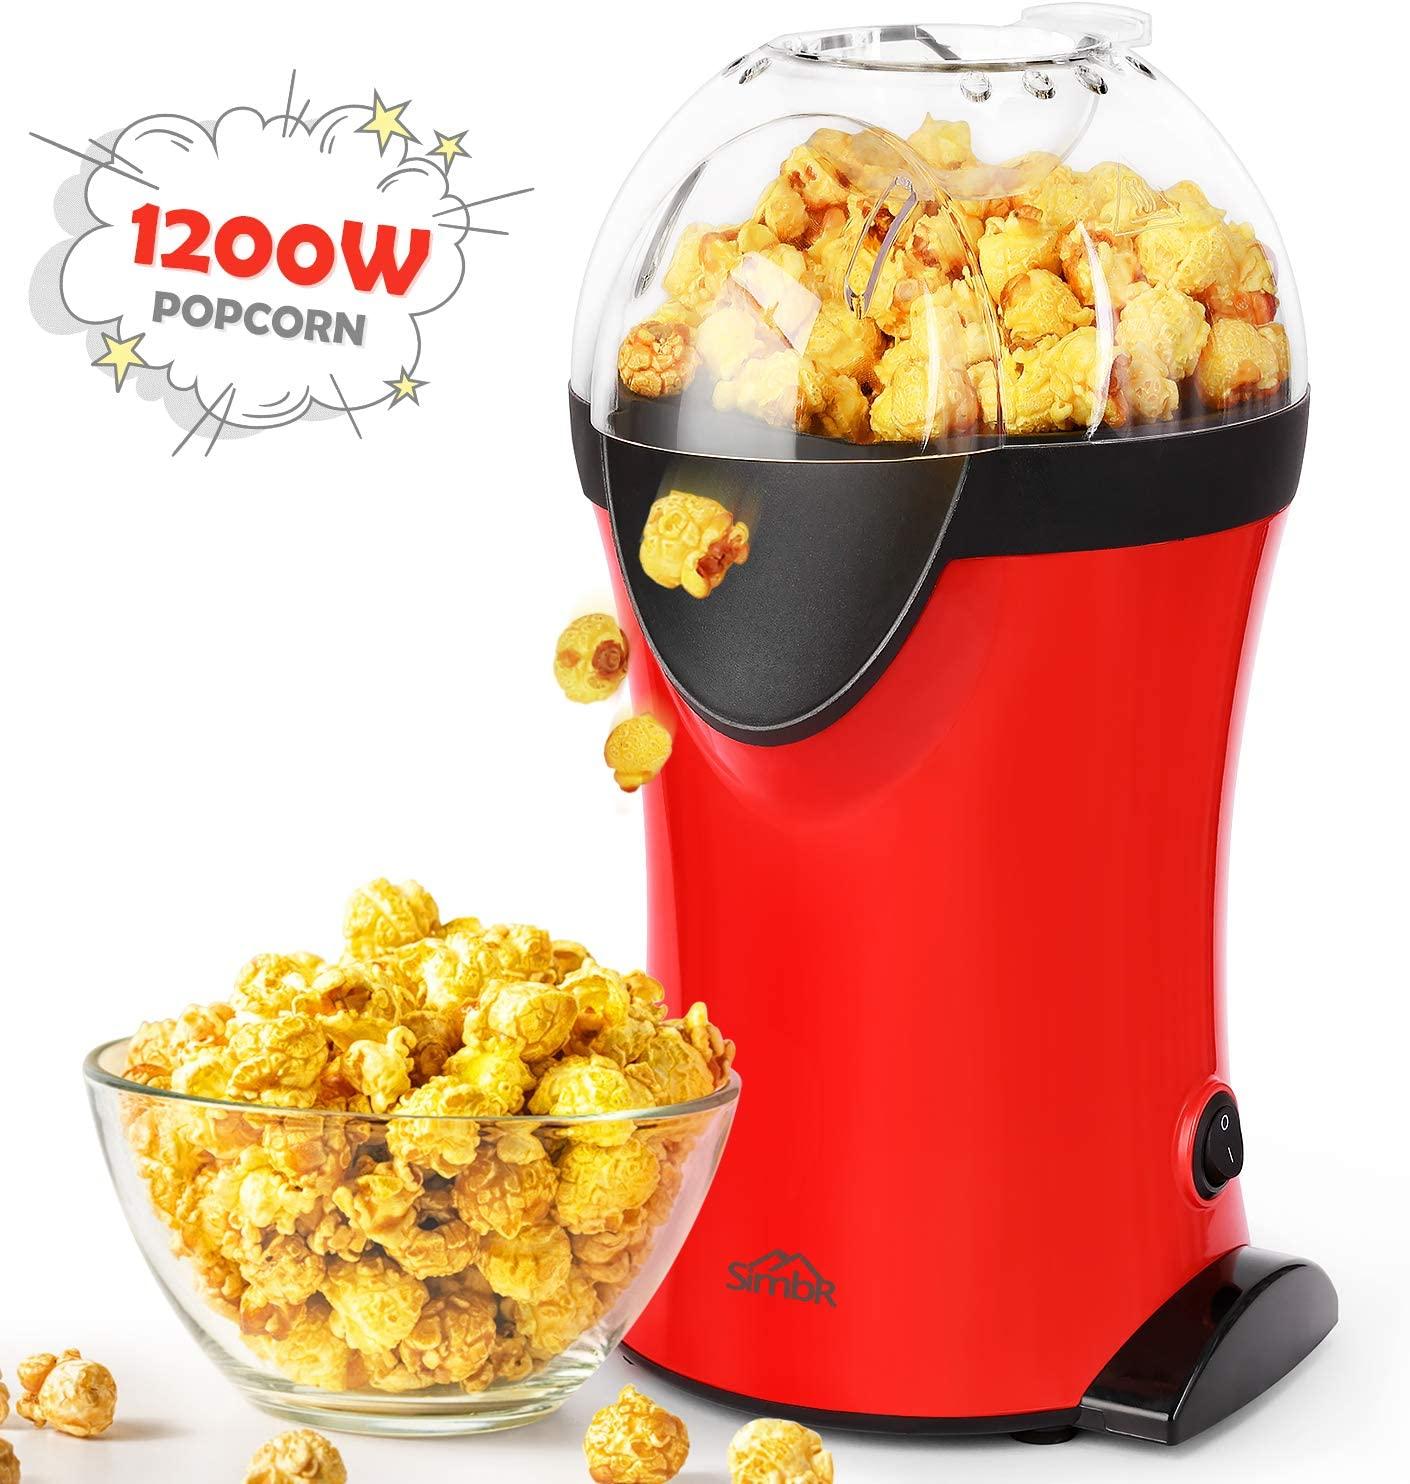 SIMBR Macchina Popcorn, ad Aria Calda Macchina per Popocorn Compatta Automatica, Senza Olio e Grassi, 1200W(rosso)